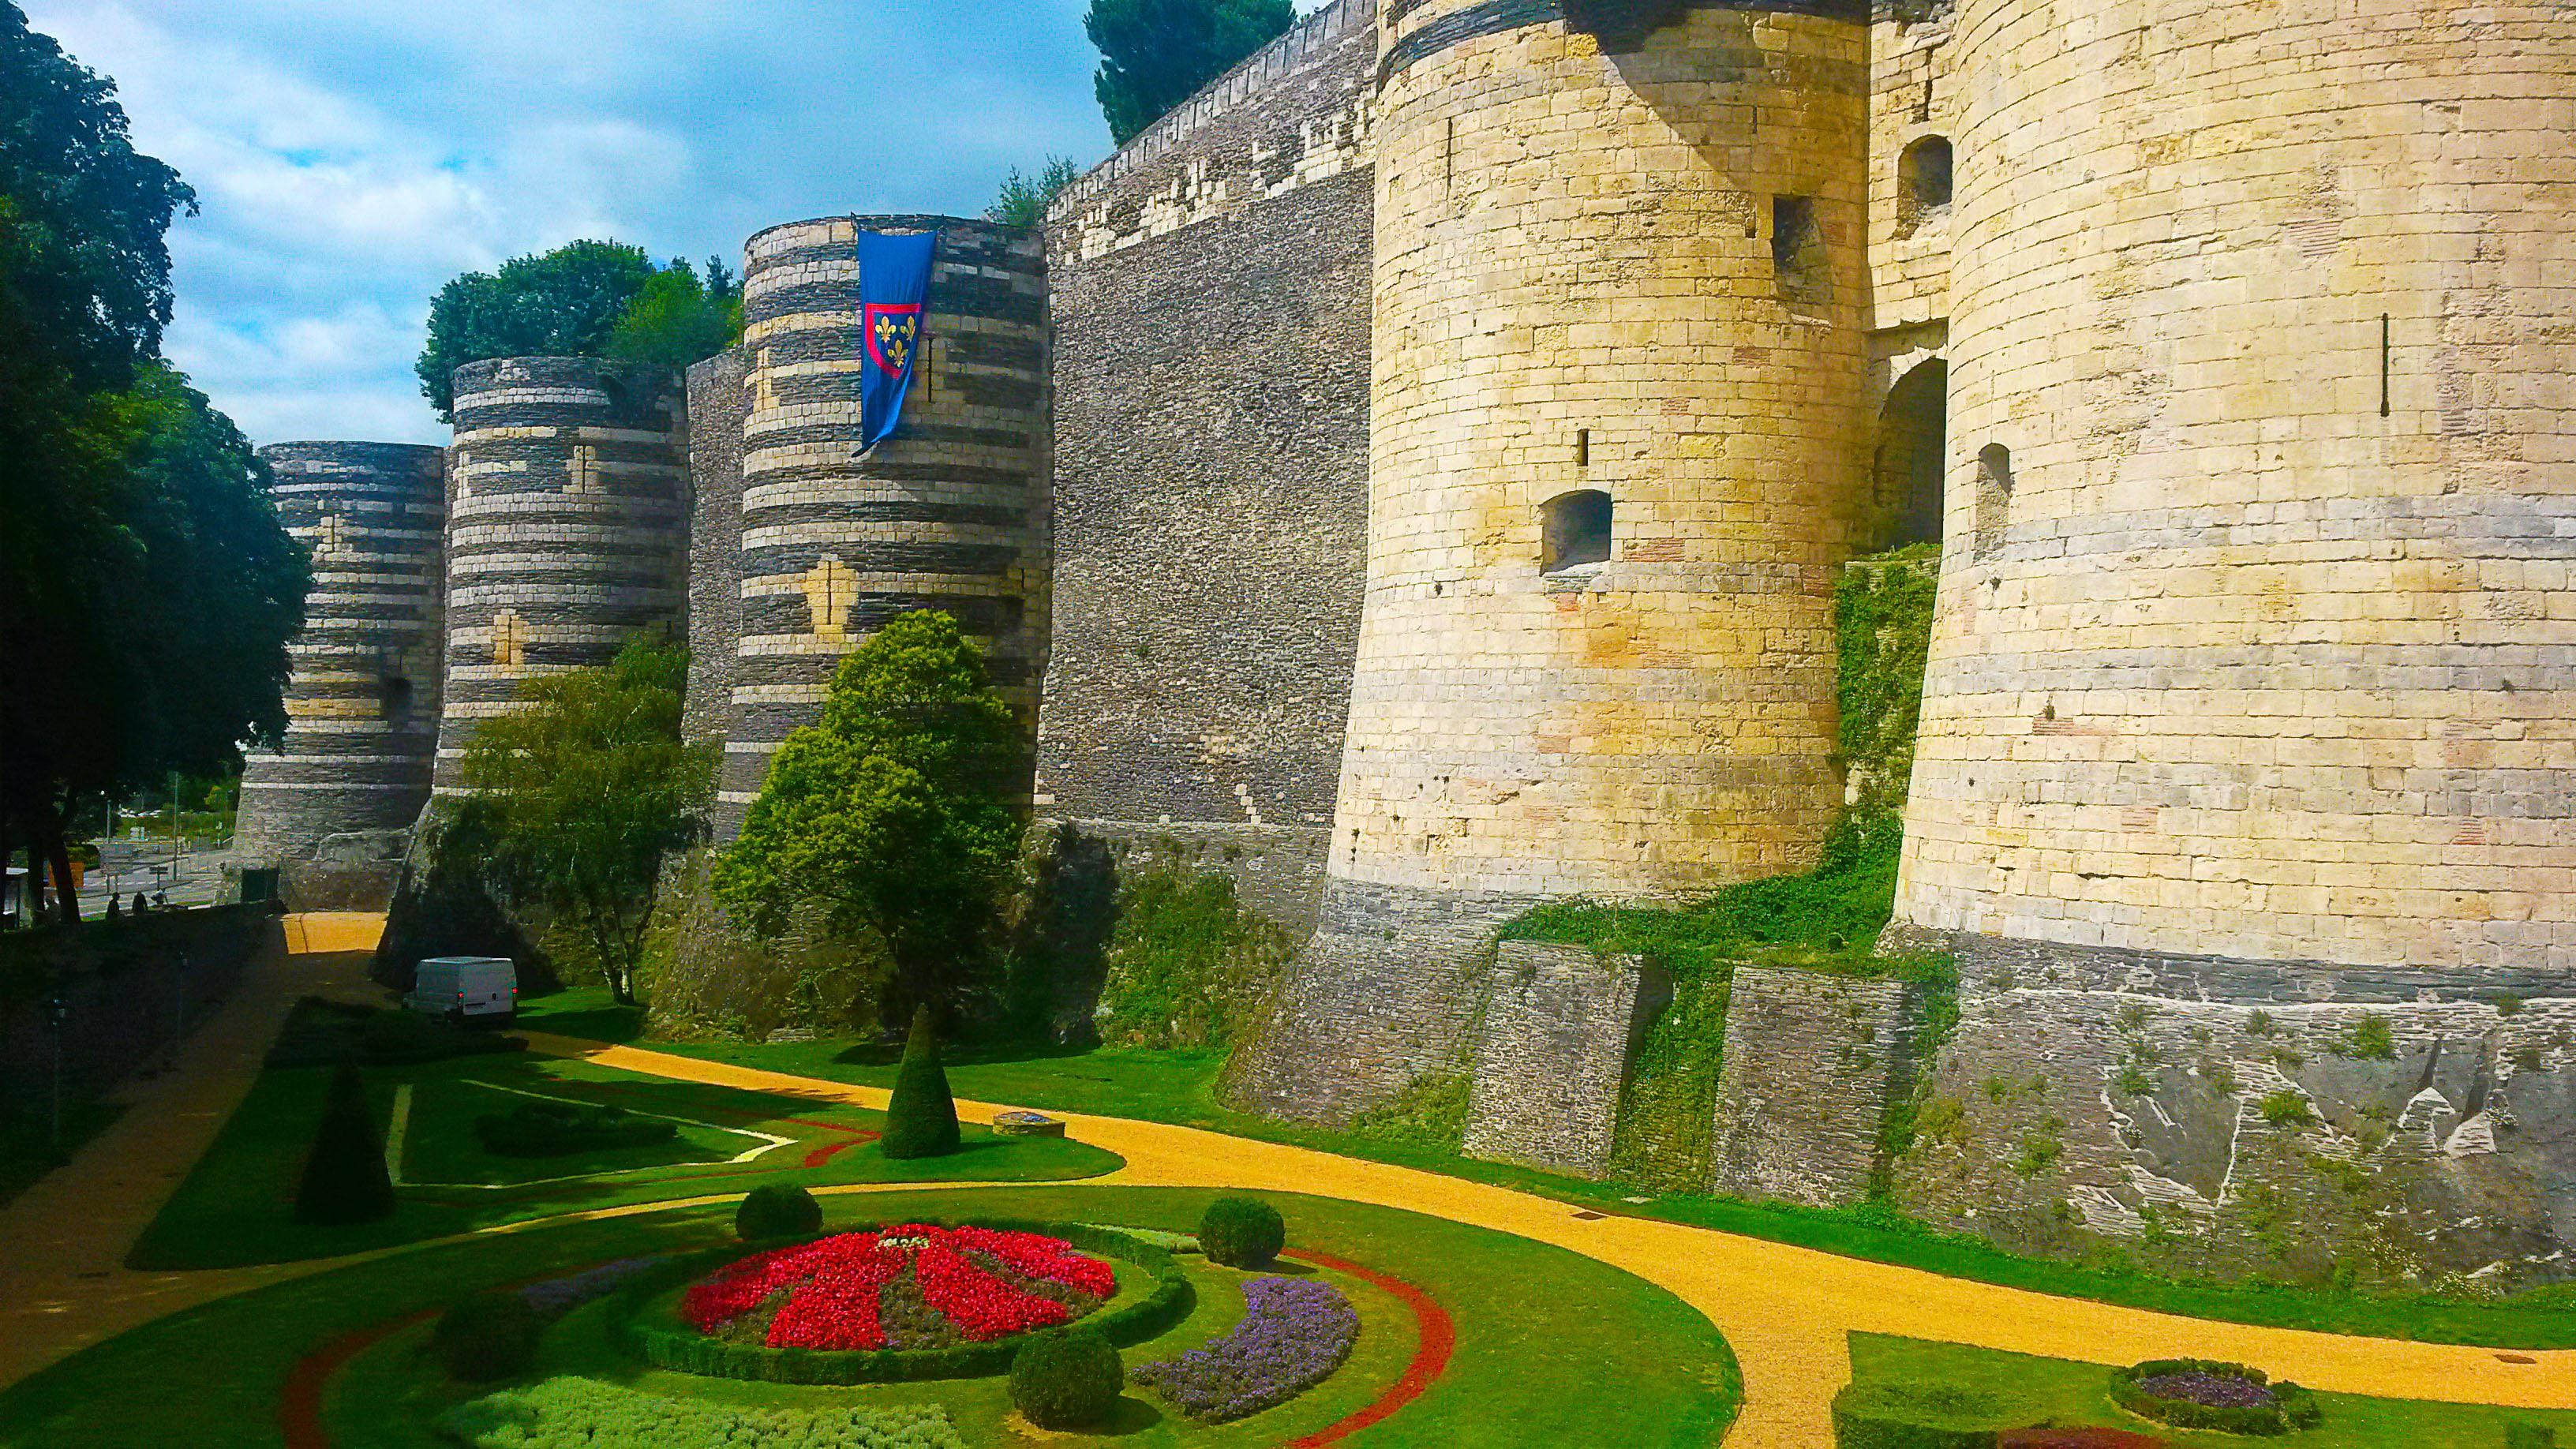 Angers et son château parmi les 25 lieux incroyables à voir en Europe